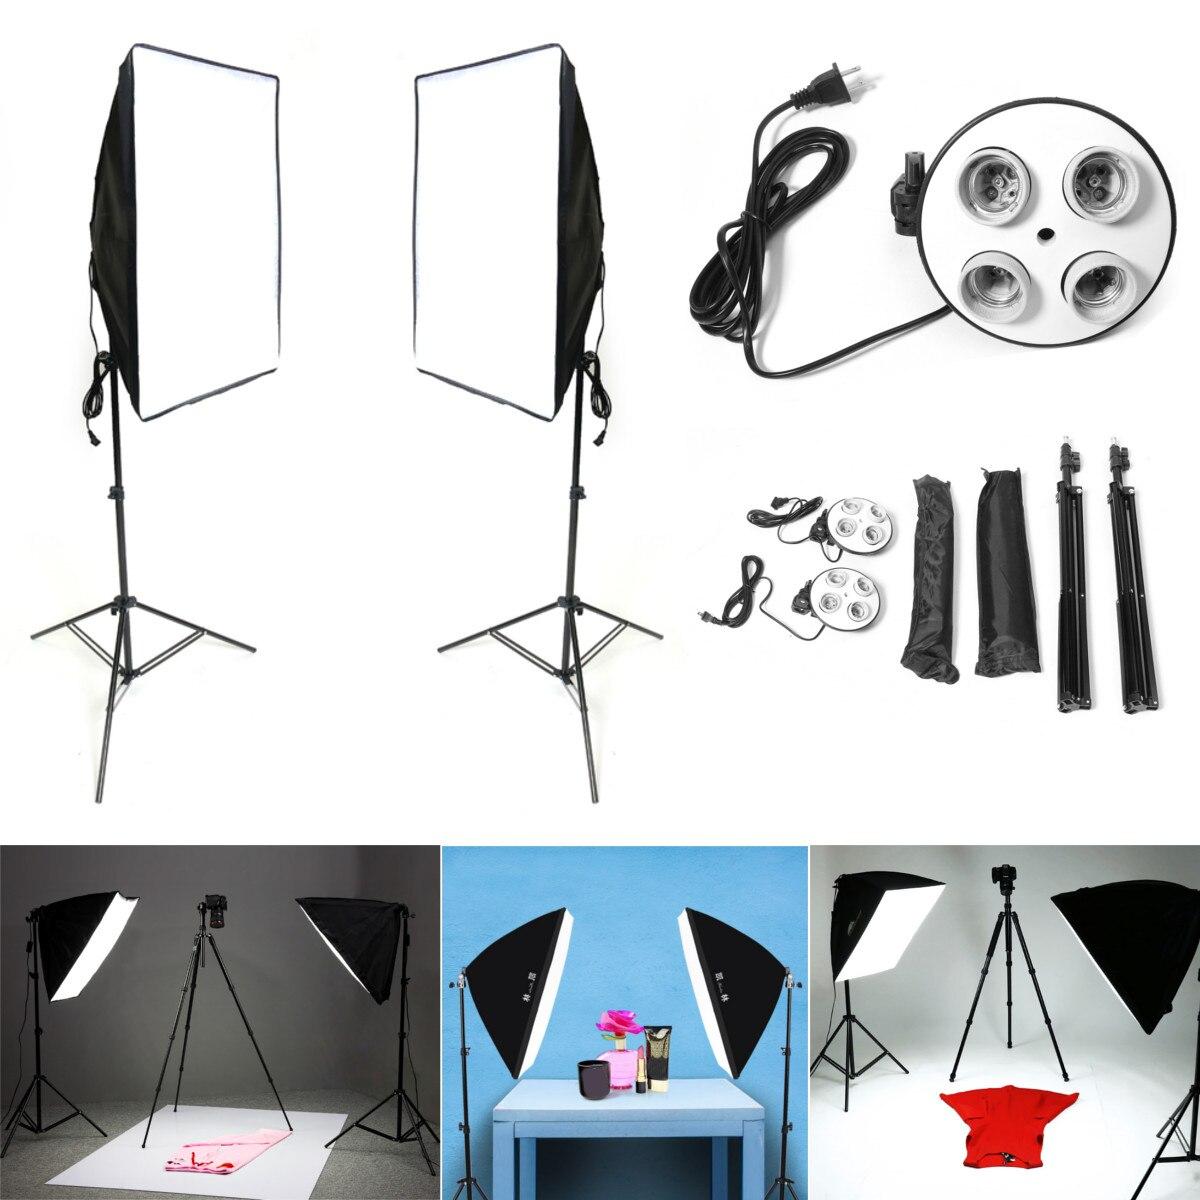 Diffuseur lumière 50X70 cm éclairage continu Softbox pour E27 support de lampe prise avec photographie support de lumière Kit de Studio Photo